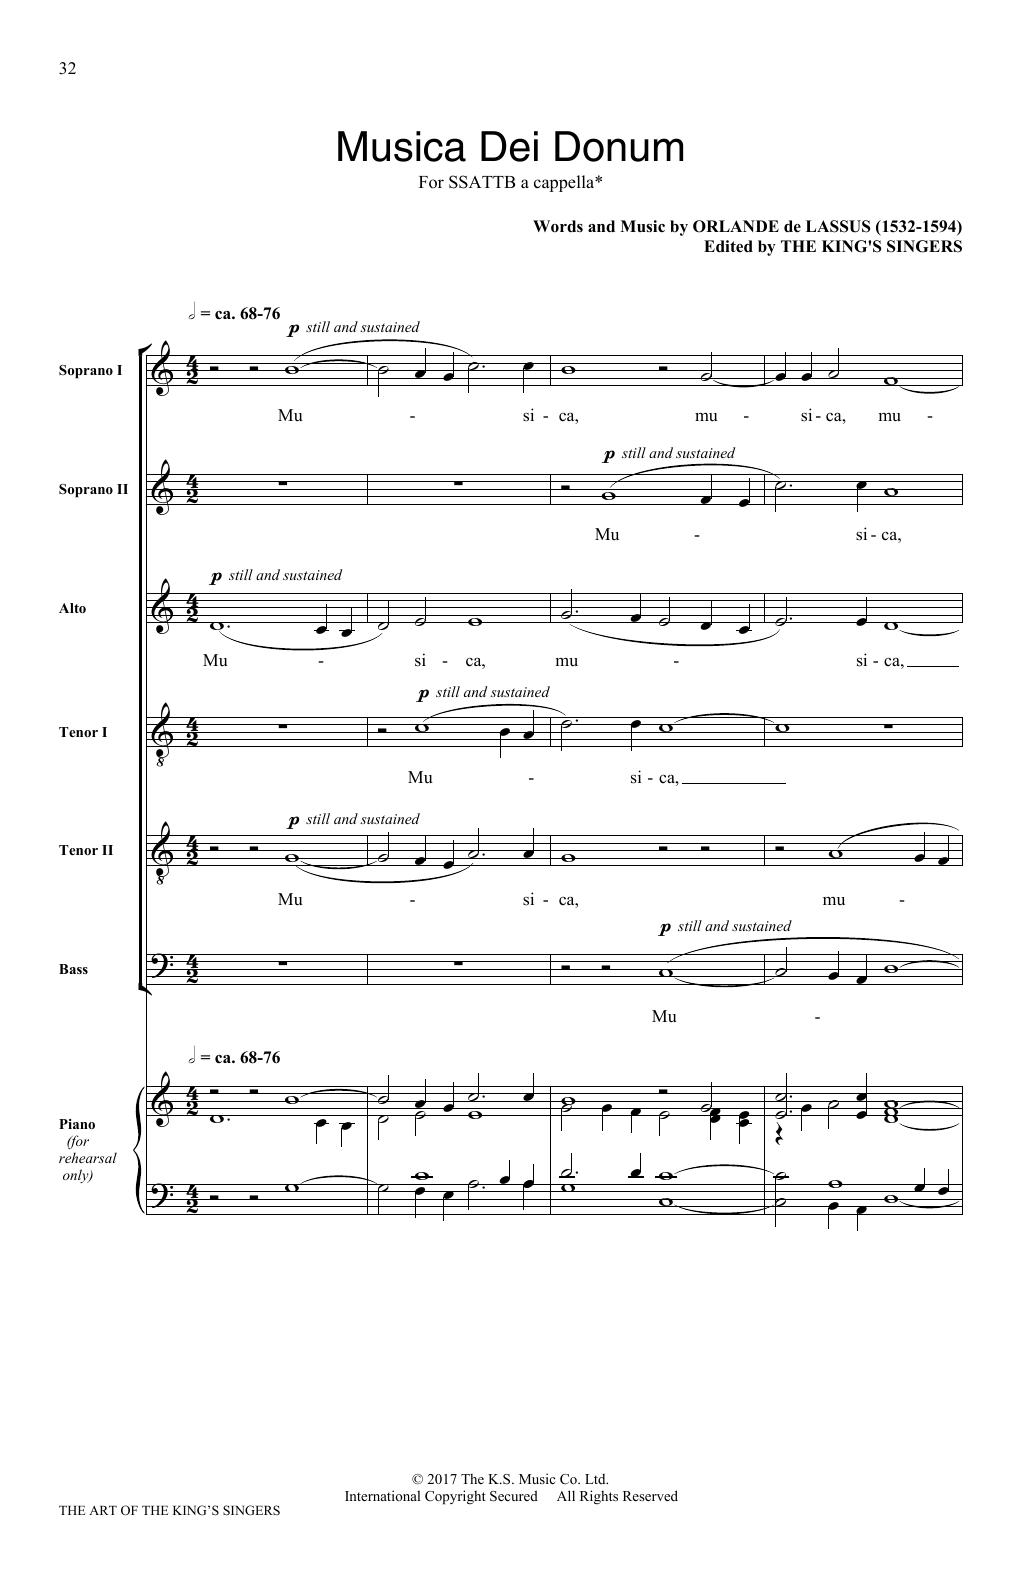 Orlandus Lassus Musica Dei Donum sheet music notes and chords